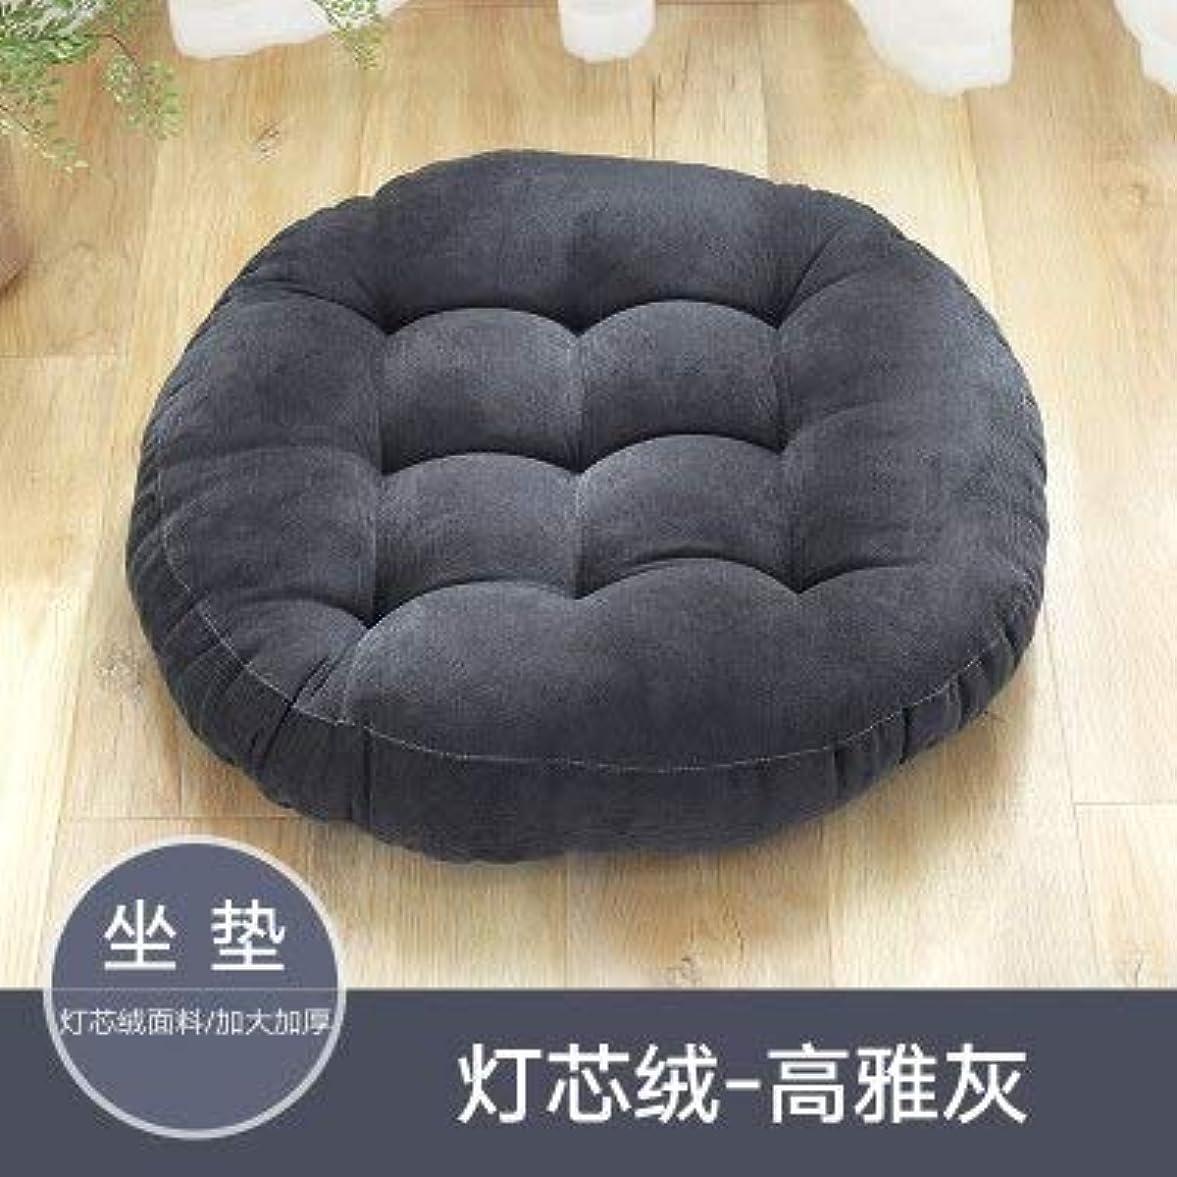 残る路地マキシムLIFE ラウンド厚い椅子のクッションフロアマットレスシートパッドソフトホームオフィスチェアクッションマットソフトスロー枕最高品質の床クッション クッション 椅子